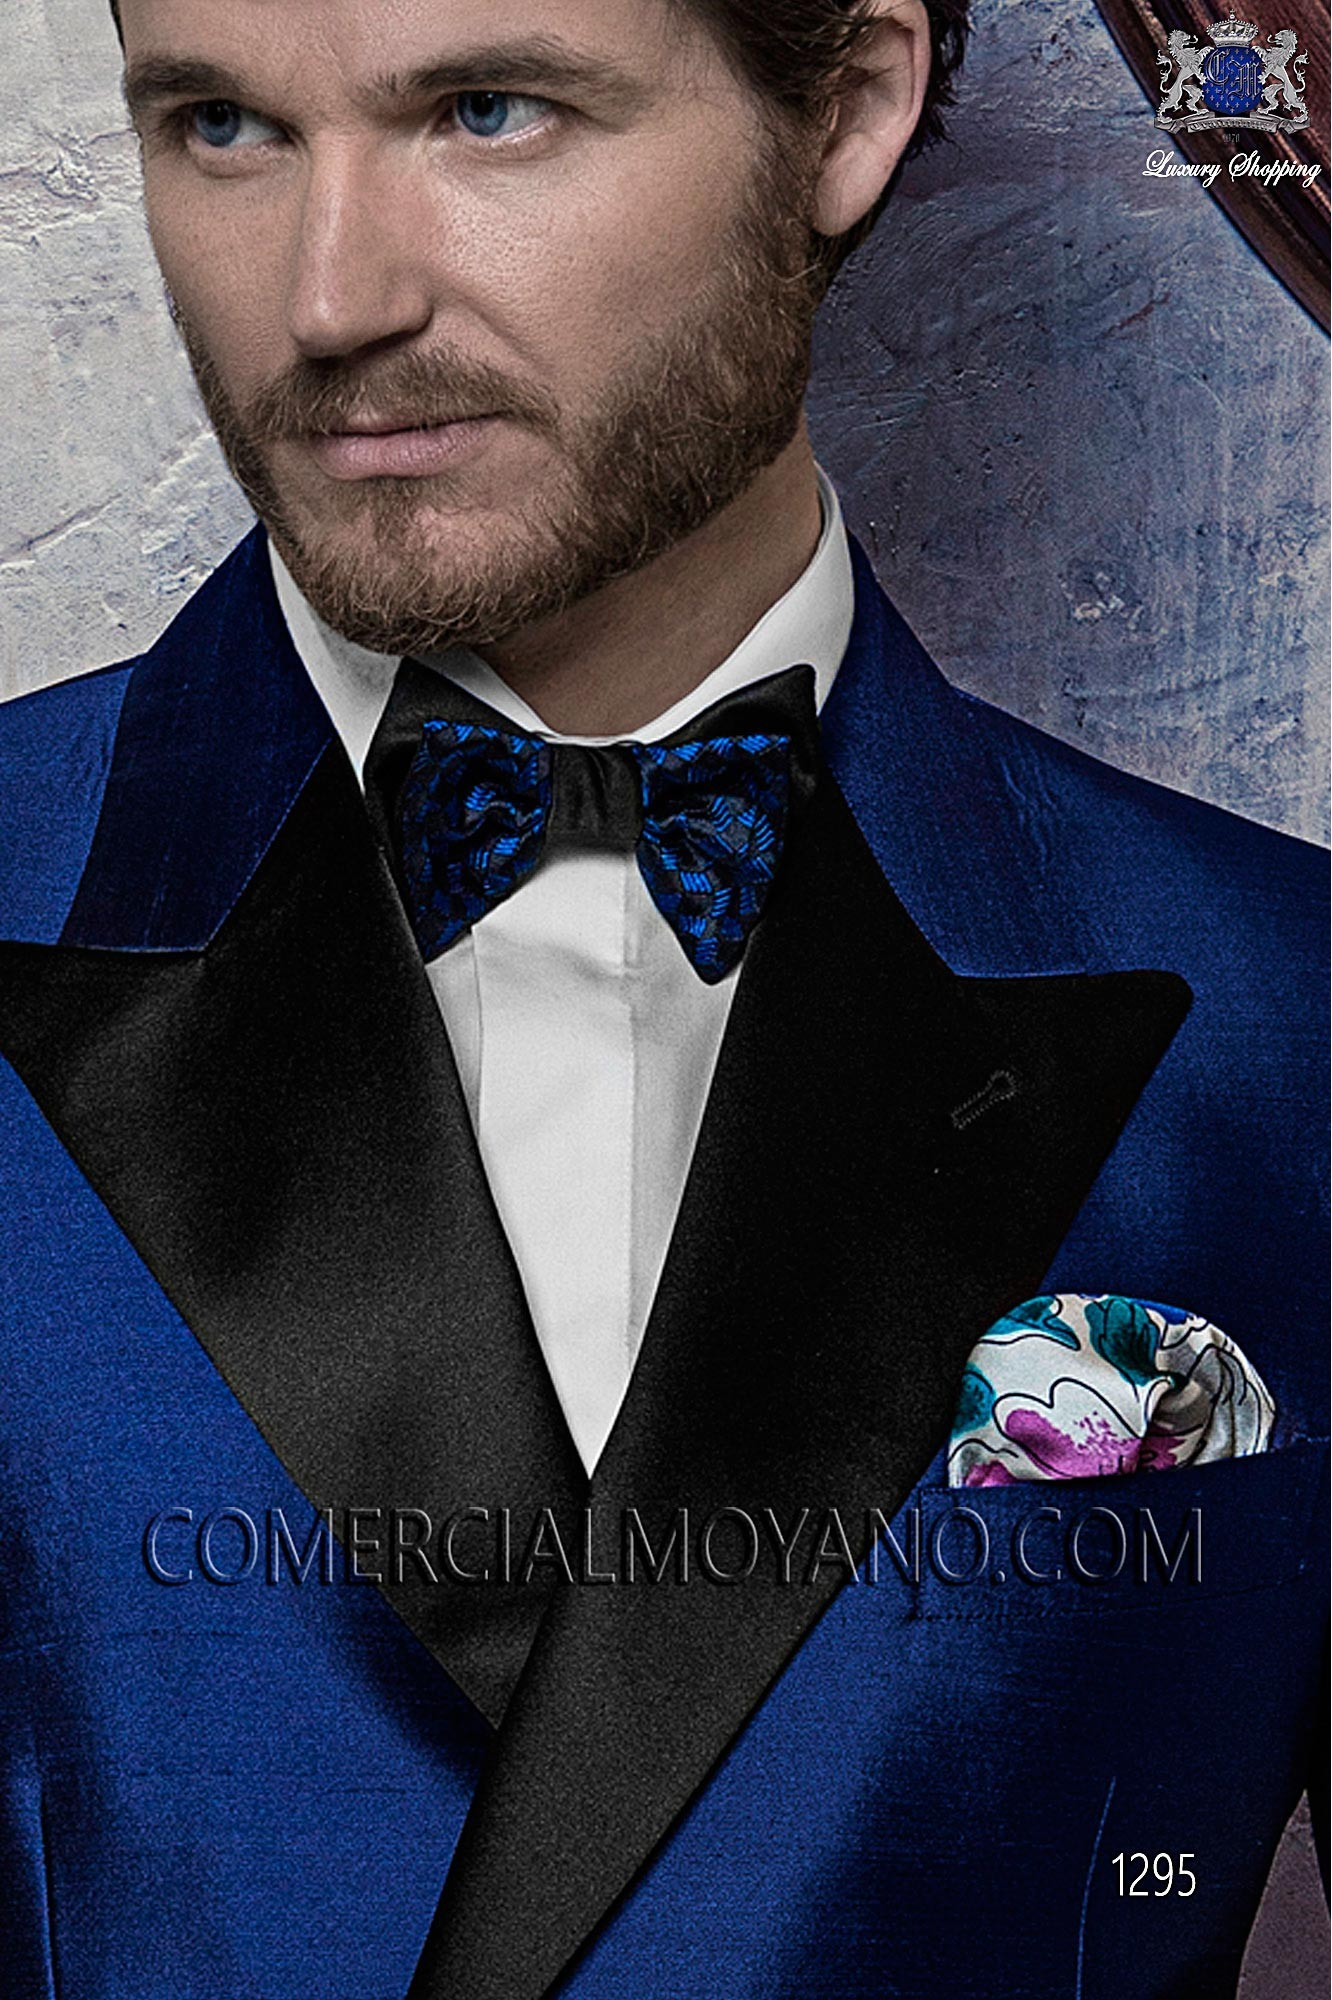 Traje BlackTie de novio azul modelo: 1295 Ottavio Nuccio Gala colección Black Tie